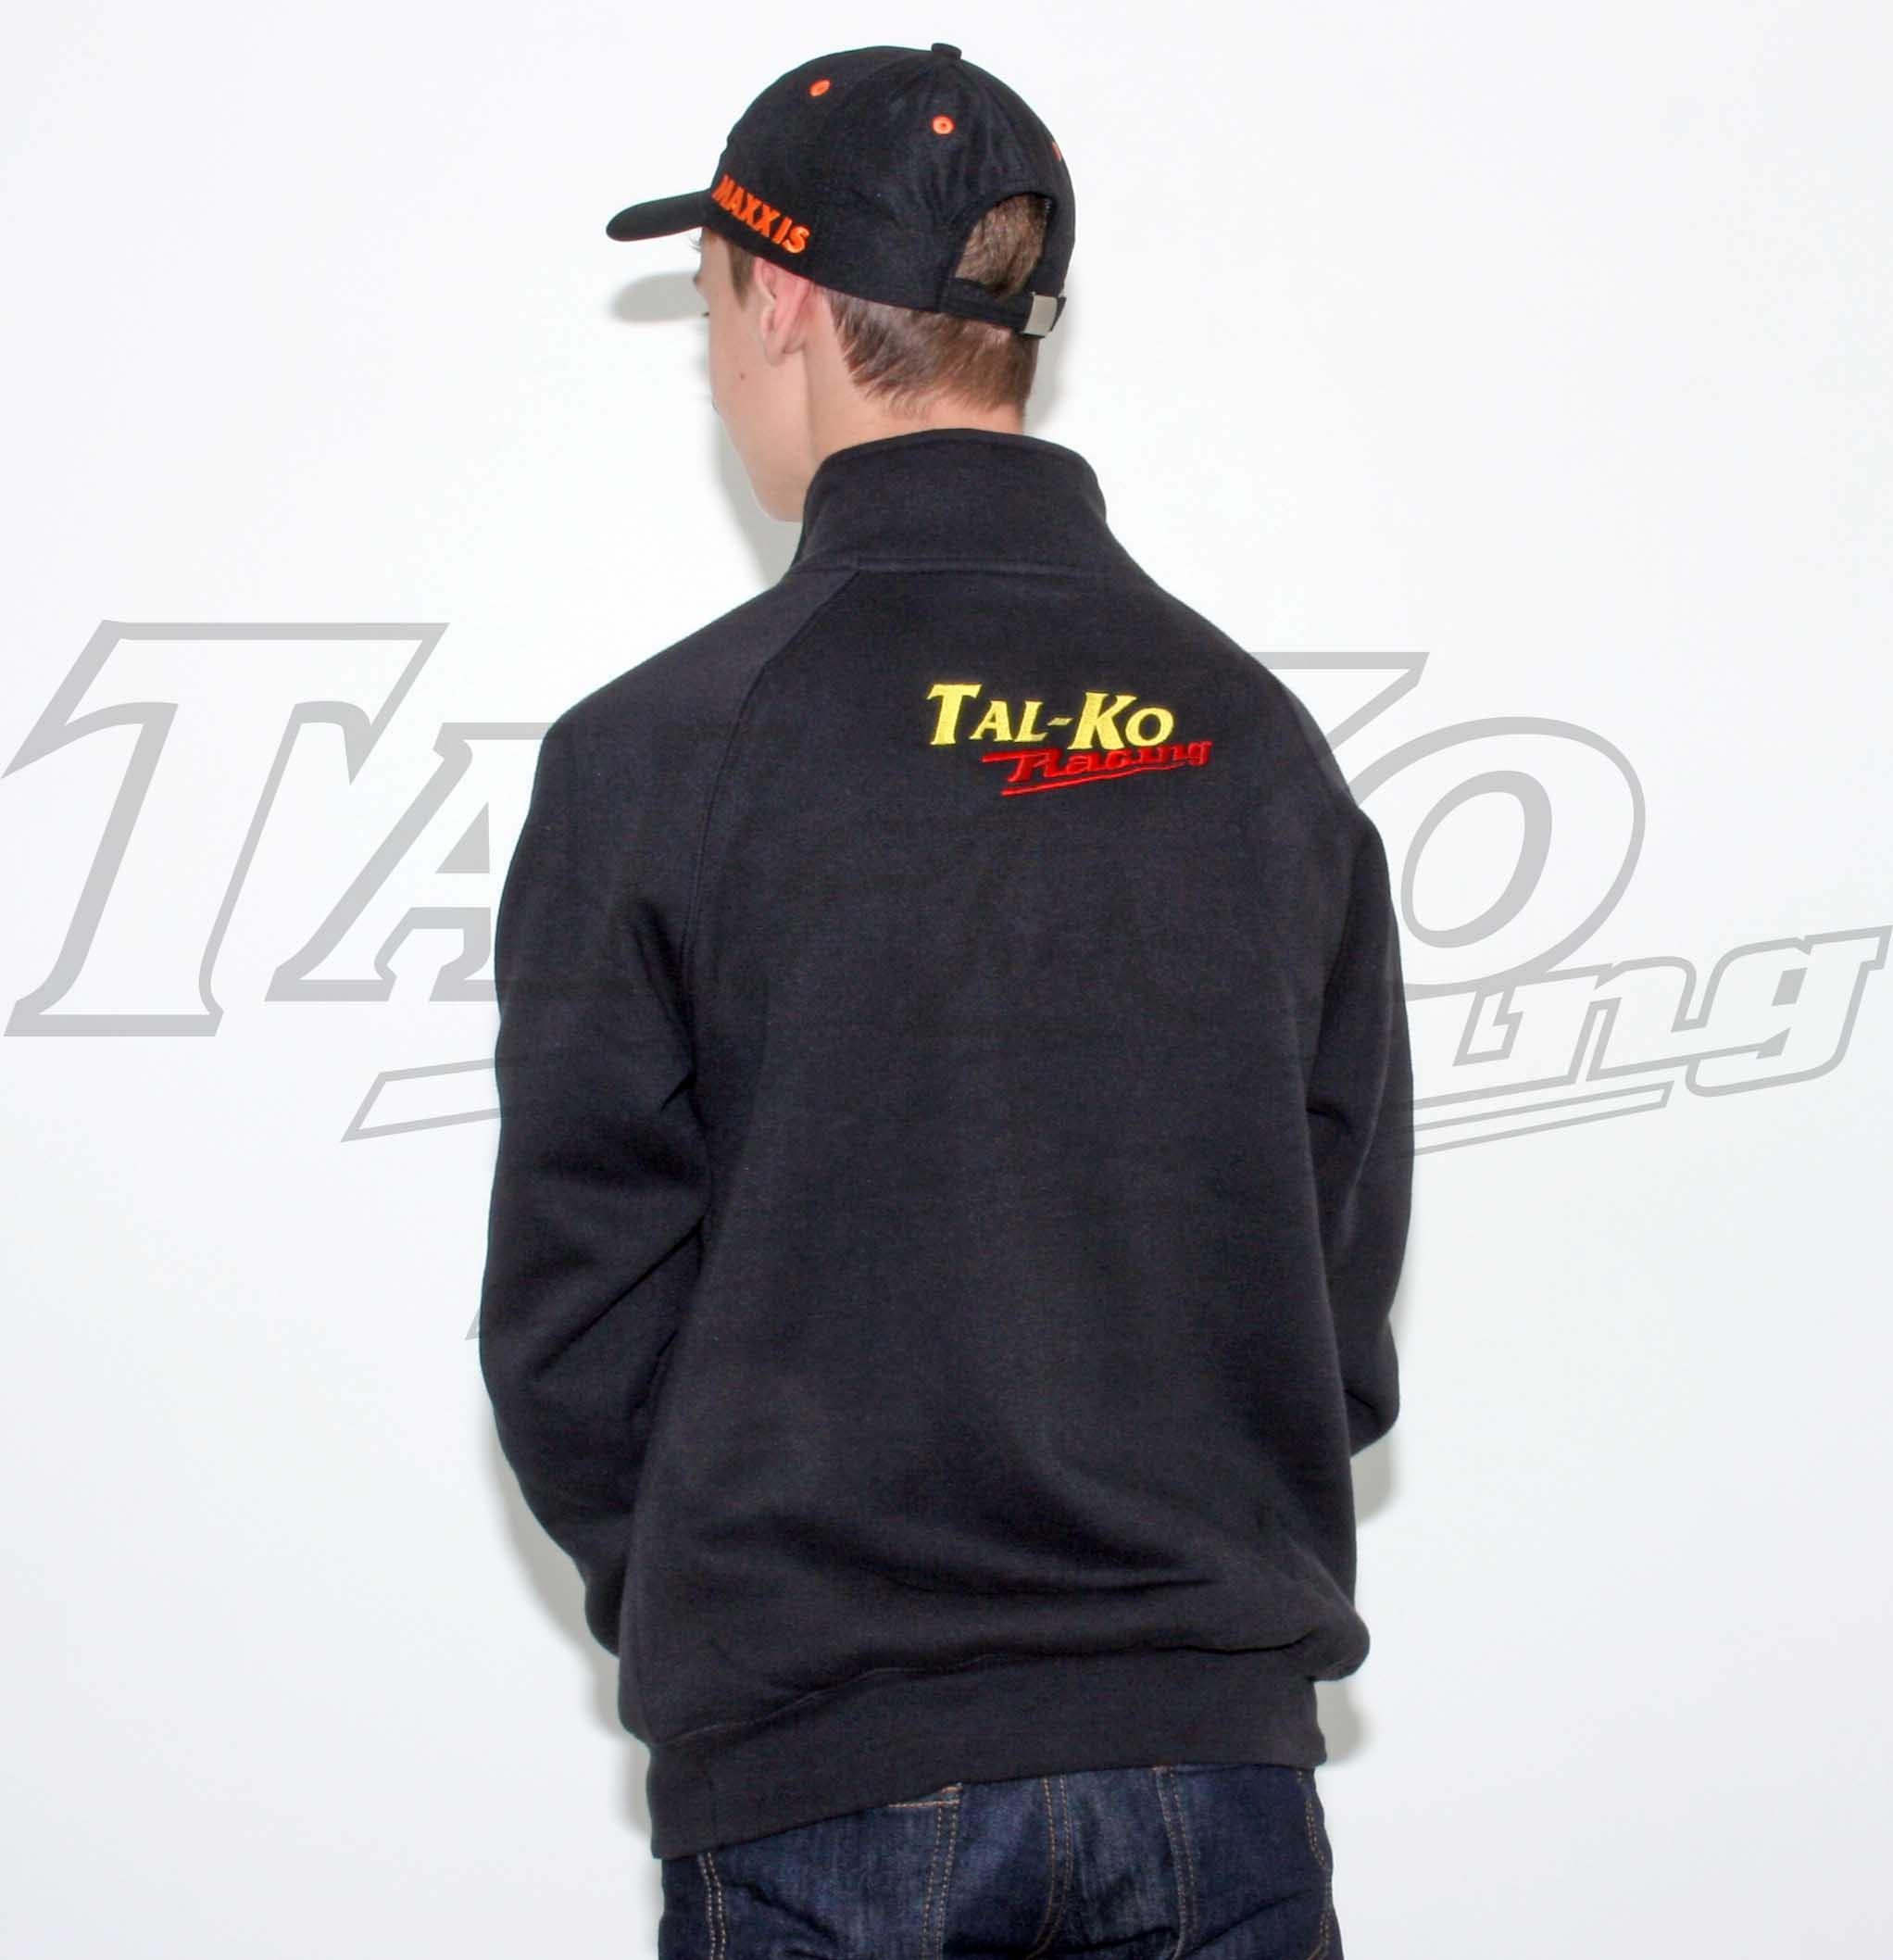 TAL-KO RACING SWEAT SHIRT ZIP NECK S